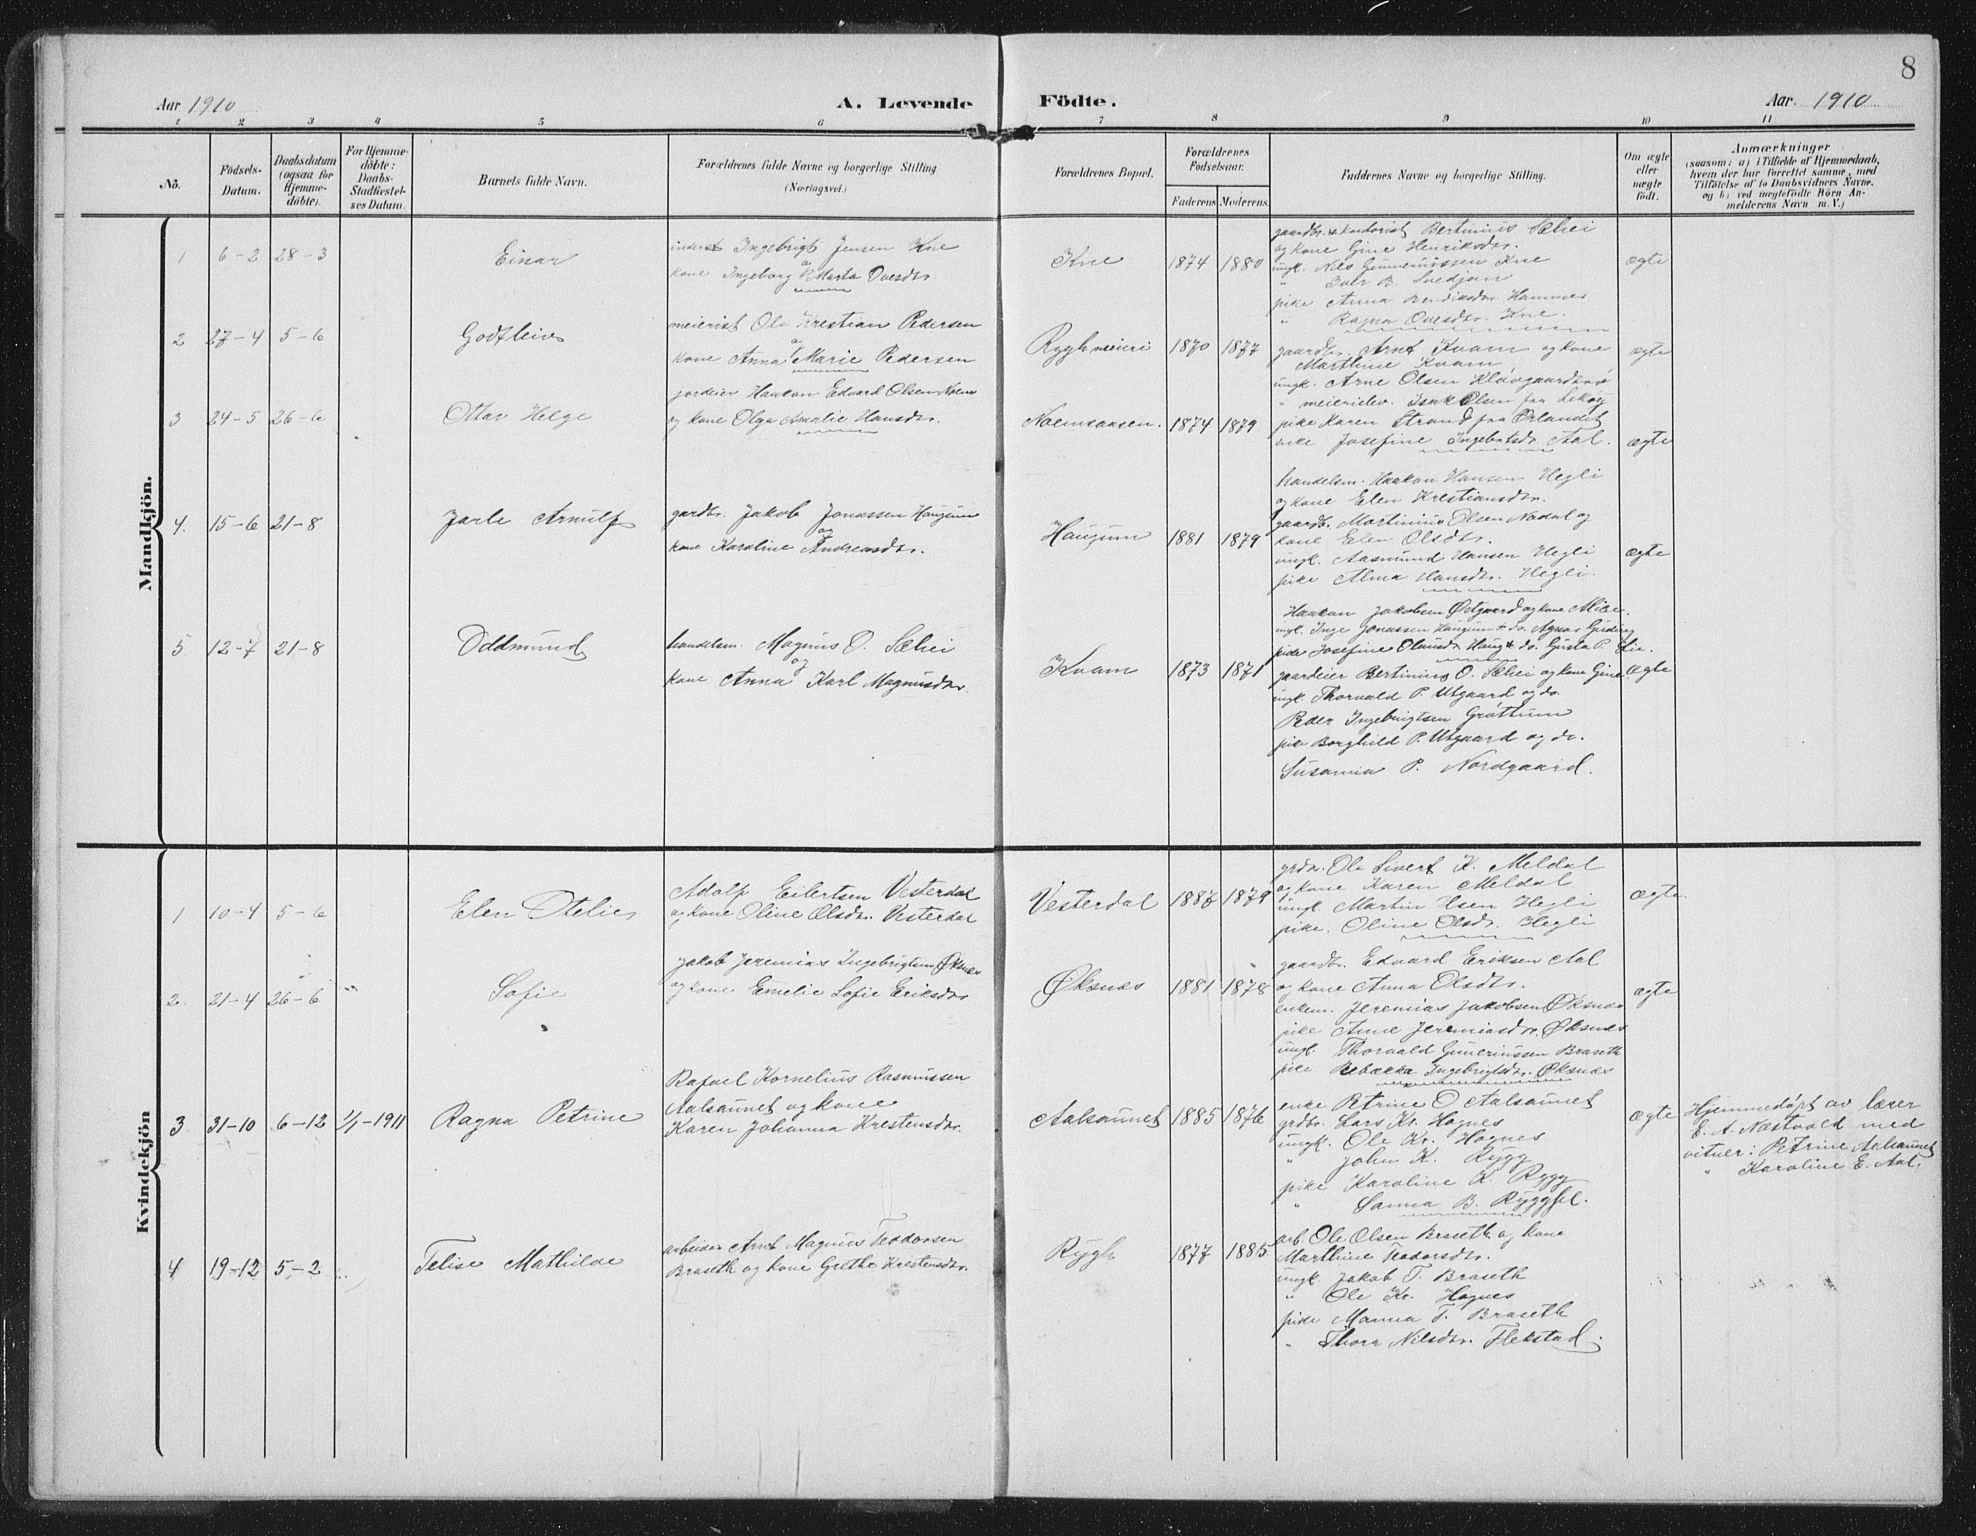 SAT, Ministerialprotokoller, klokkerbøker og fødselsregistre - Nord-Trøndelag, 747/L0460: Klokkerbok nr. 747C02, 1908-1939, s. 8